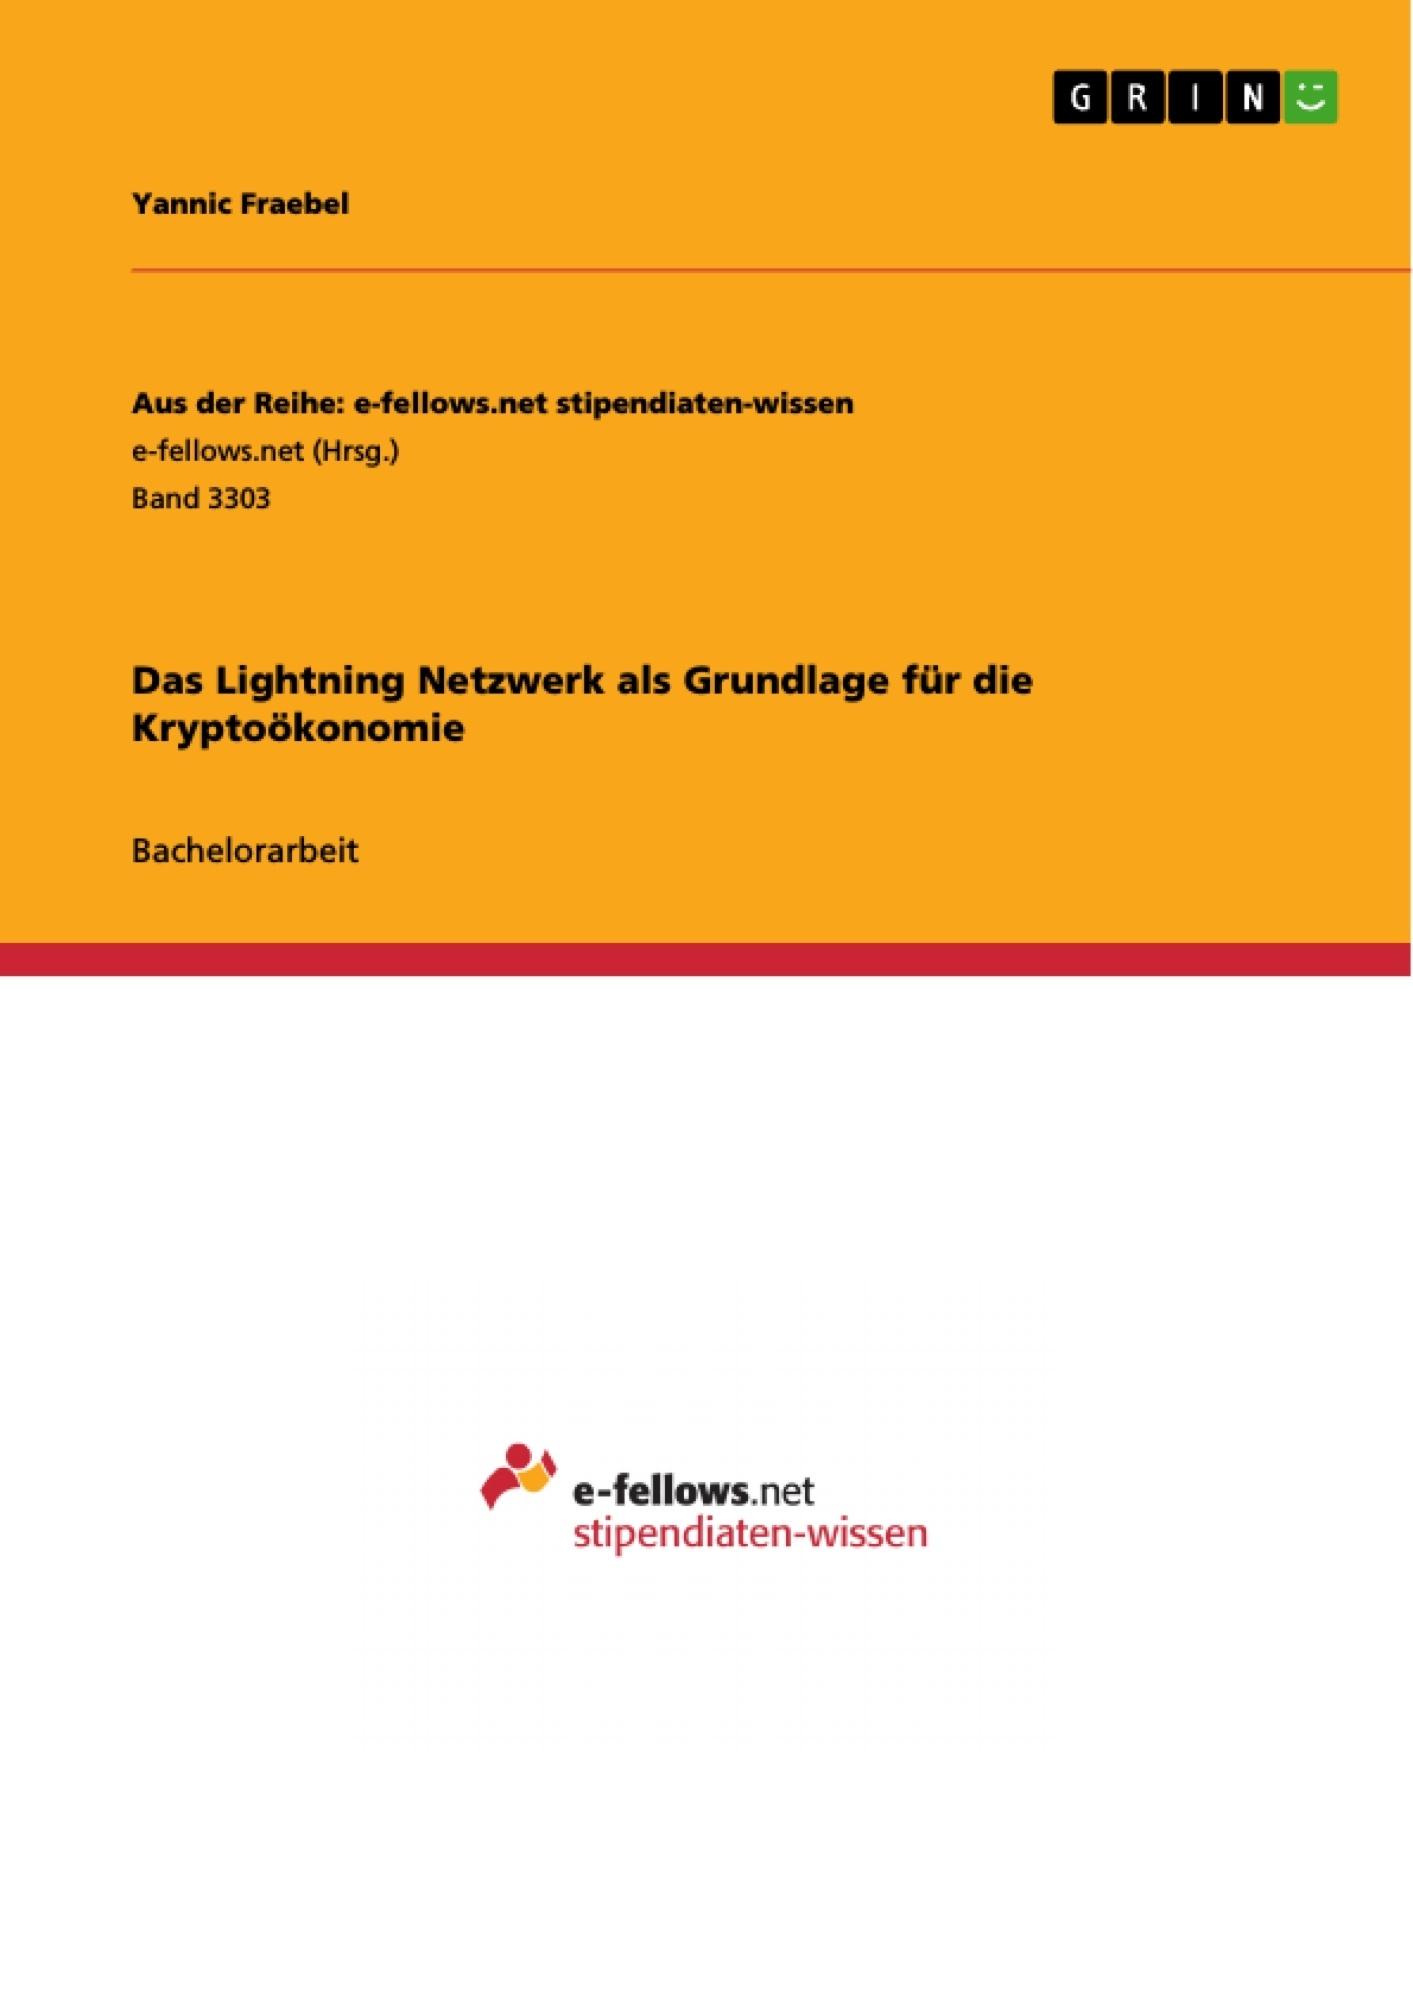 Titel: Das Lightning Netzwerk als Grundlage für die Kryptoökonomie